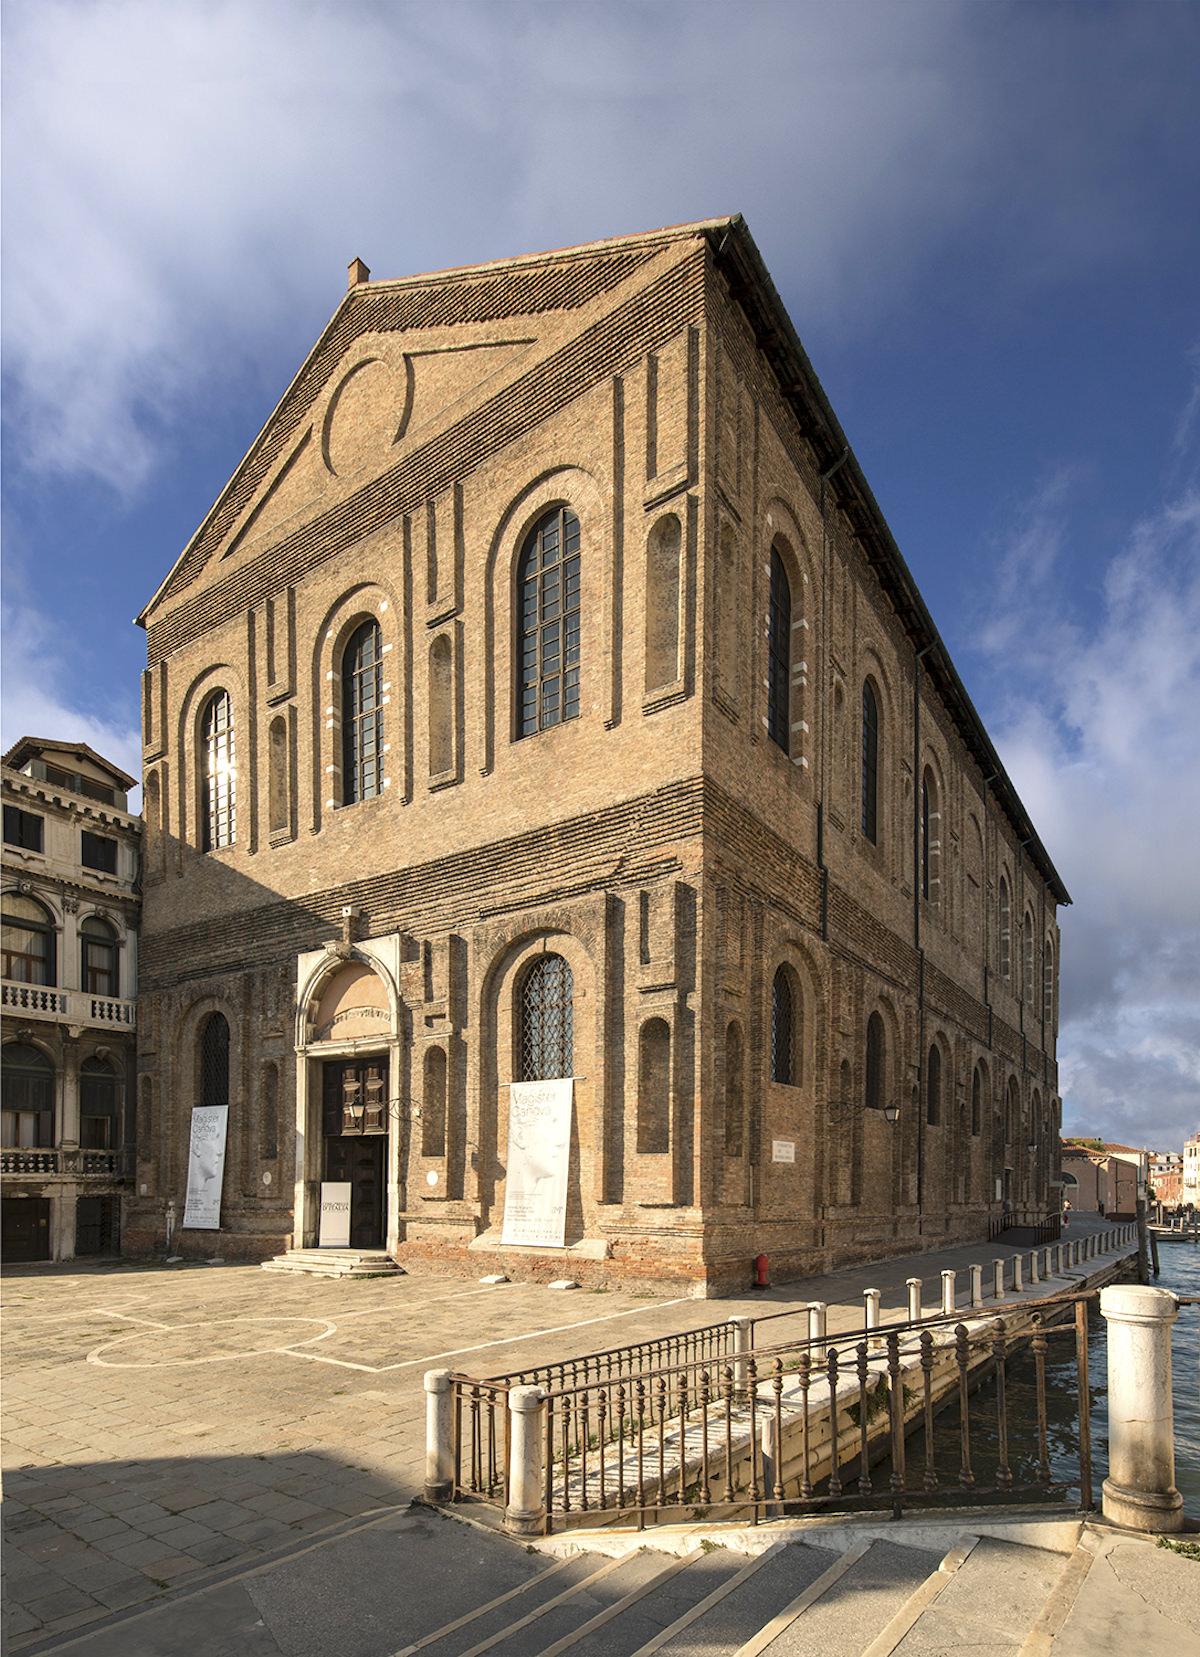 Scuola Grande della Misercordia di Venezia © Luigi Bussolati